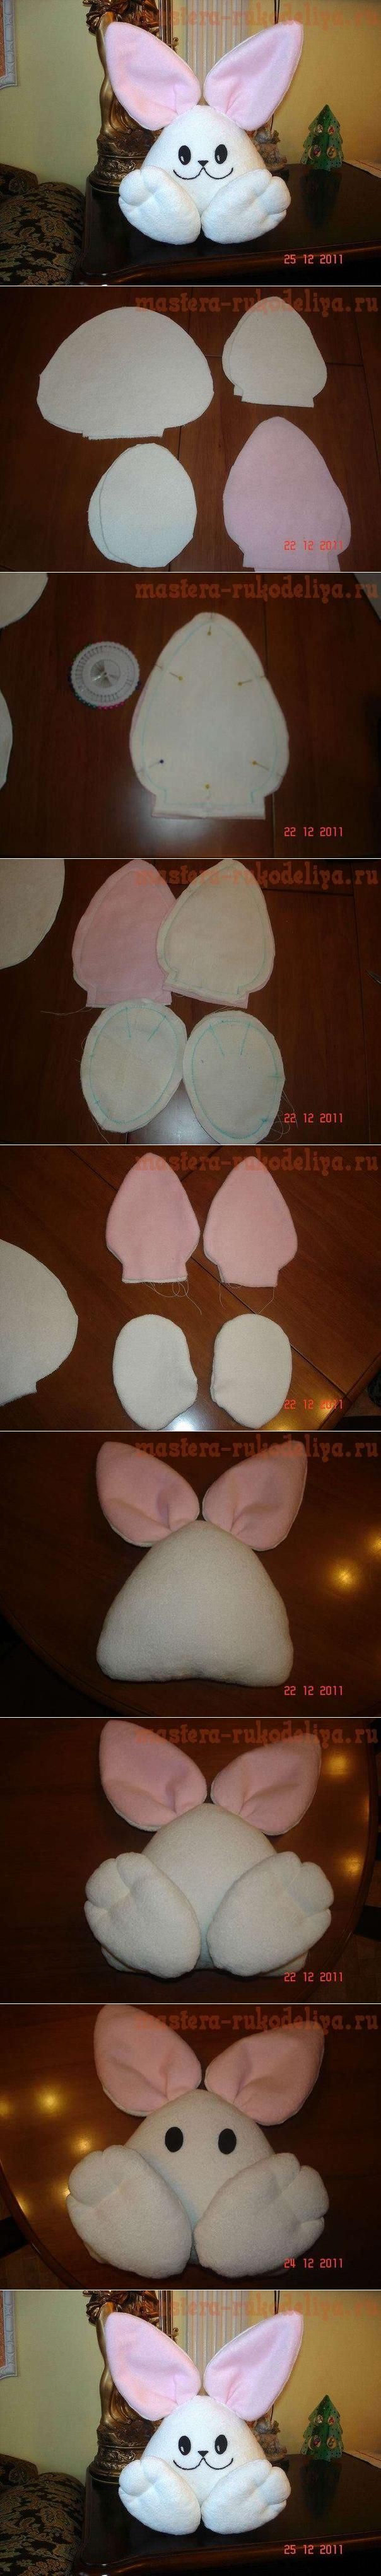 DIY Simple Fabric Bunny DIY Projects | UsefulDIY.com